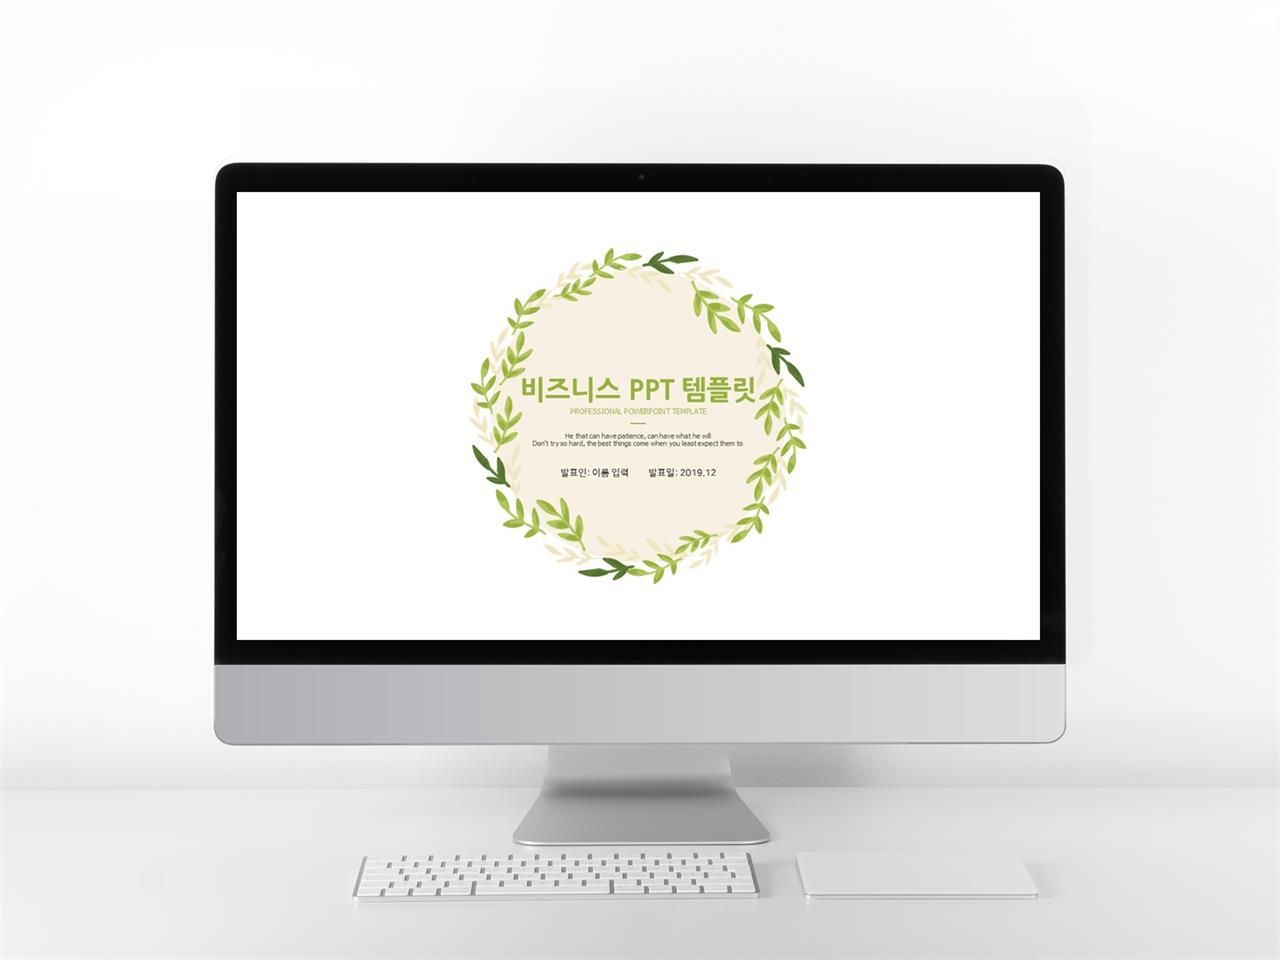 비즈니스 초록색 수채화 멋진 PPT양식 다운로드 미리보기